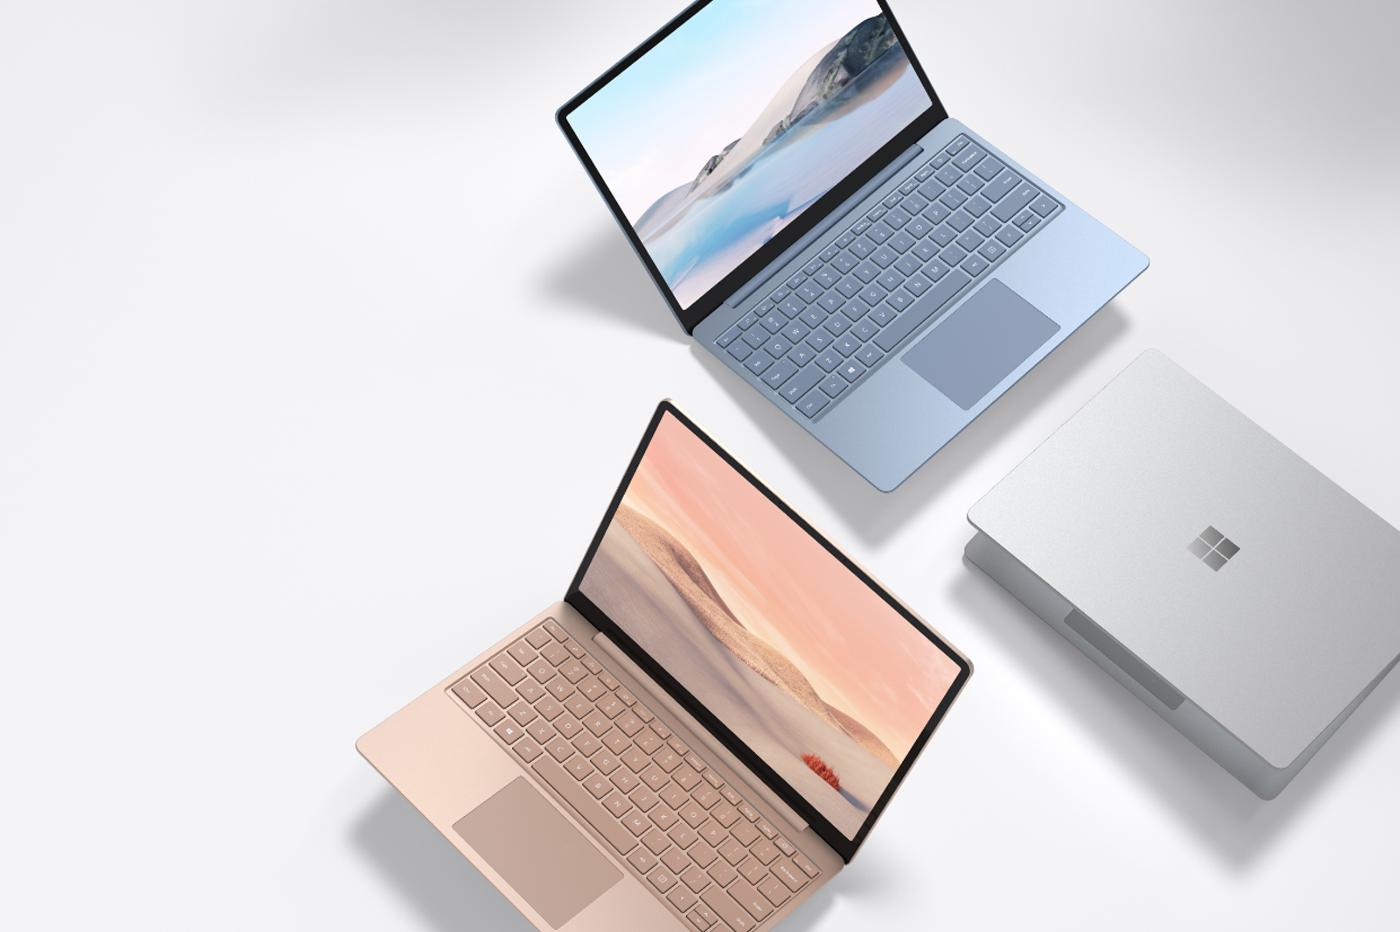 Les meilleurs ordinateurs portables économiques en 2021 - Microsoft Surface Laptop Go